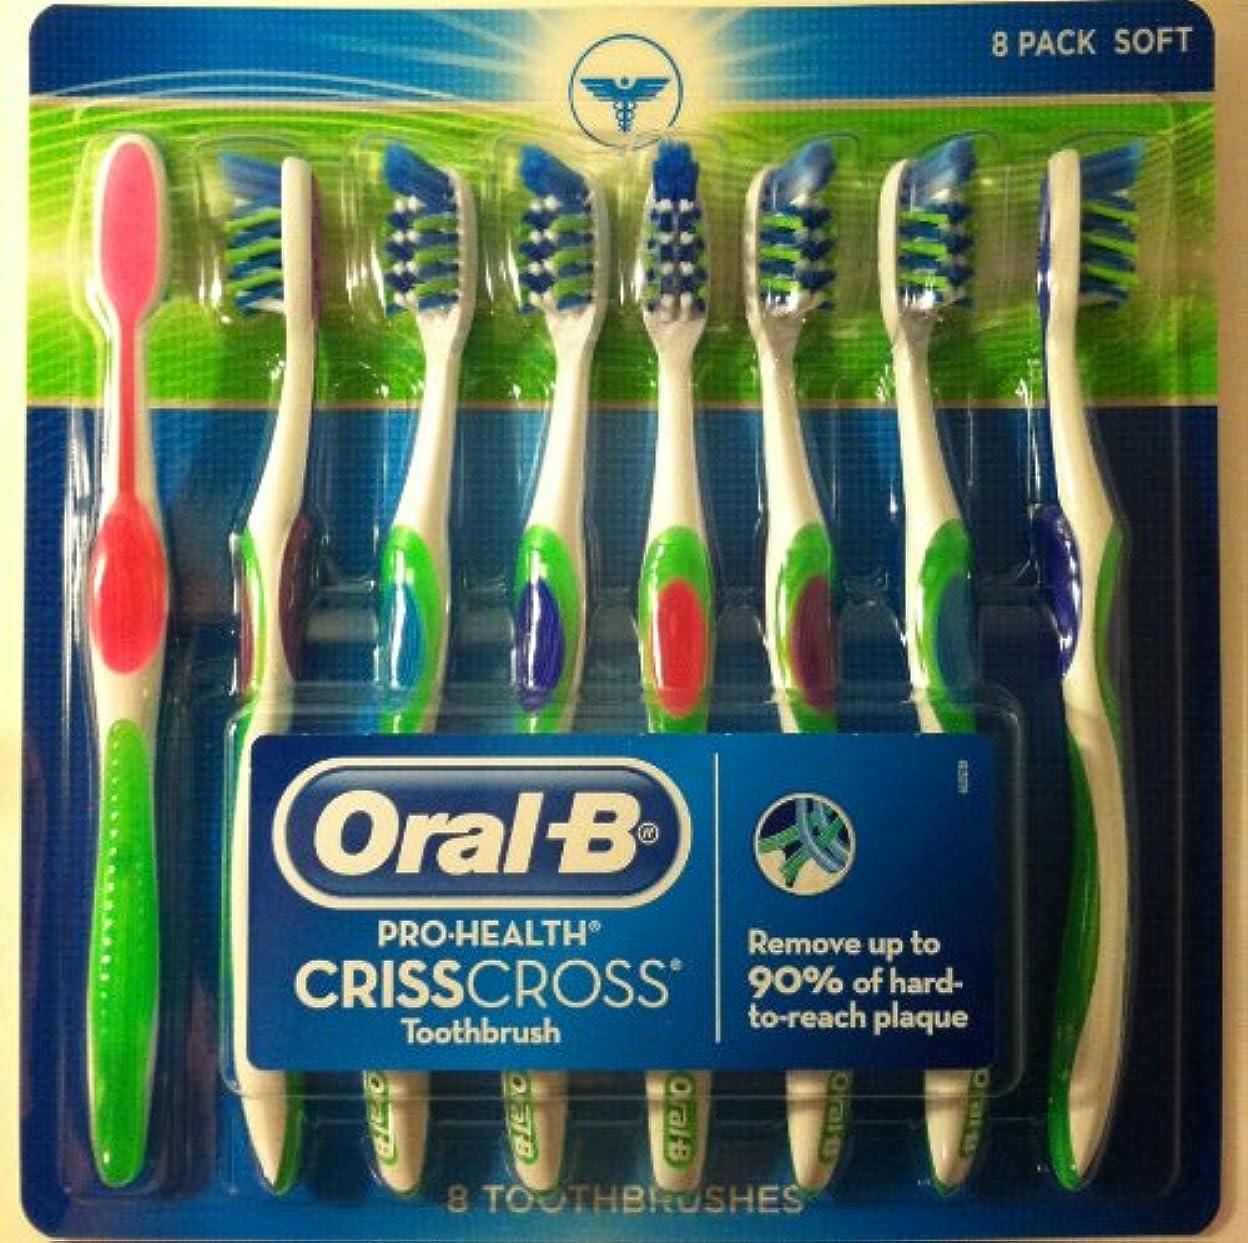 モール胆嚢無謀【歯垢をかきだす歯ブラシ】ORAL B® ADVANTAGE CRISSCROSS TOOTHBRUSH - SOFT 8本 歯ブラシ